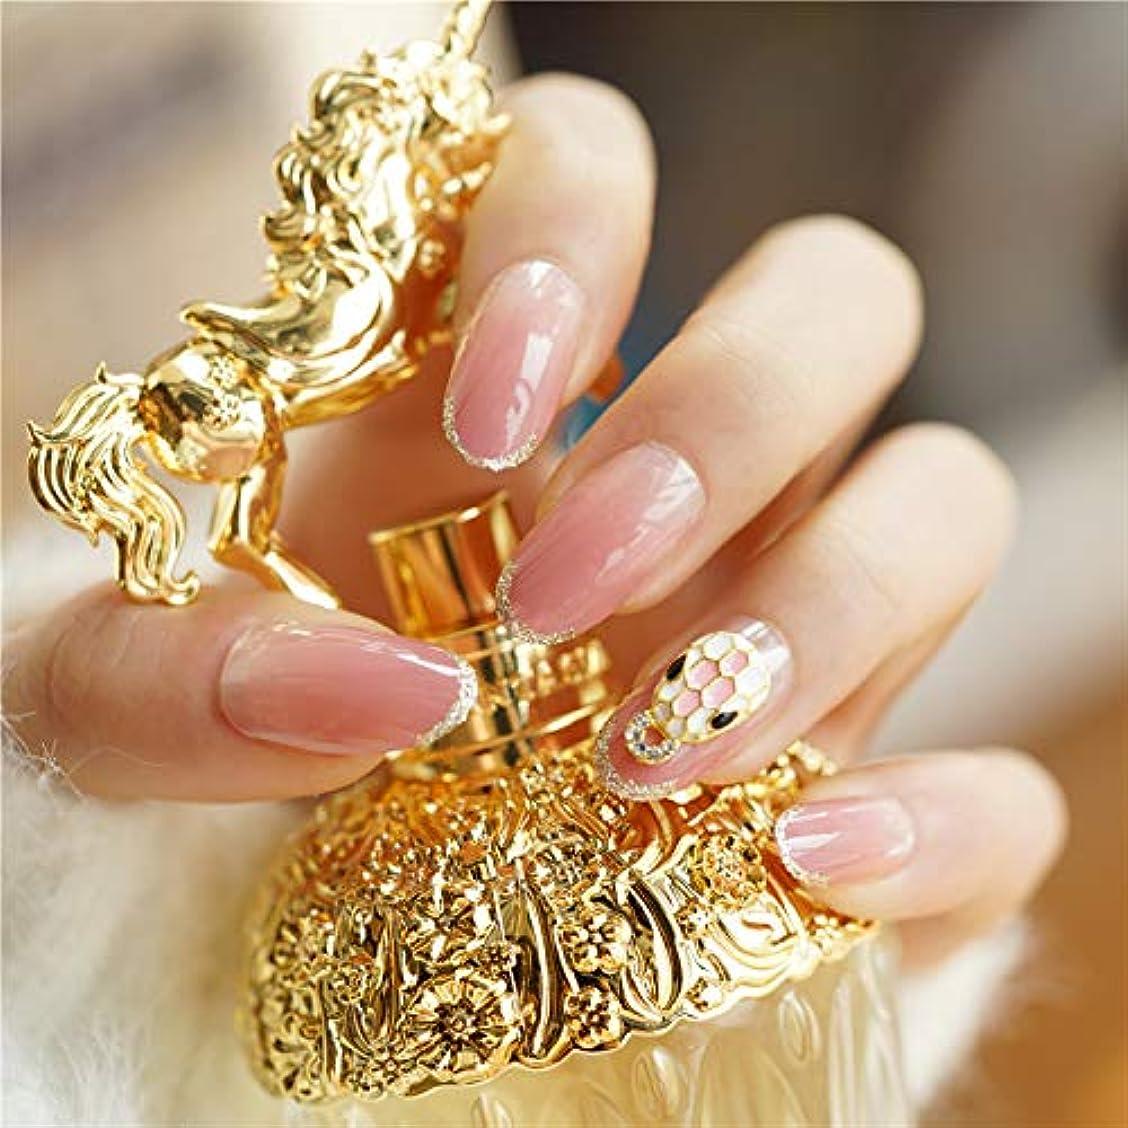 ピーブ無秩序ゴミ箱を空にする24枚セット ネイルチップ 付け爪 お嫁さんつけ爪 ネイルシール 3D可愛い飾り 爪先金回し 水しいピンク色変化デザインネイルチップ (ピンク)